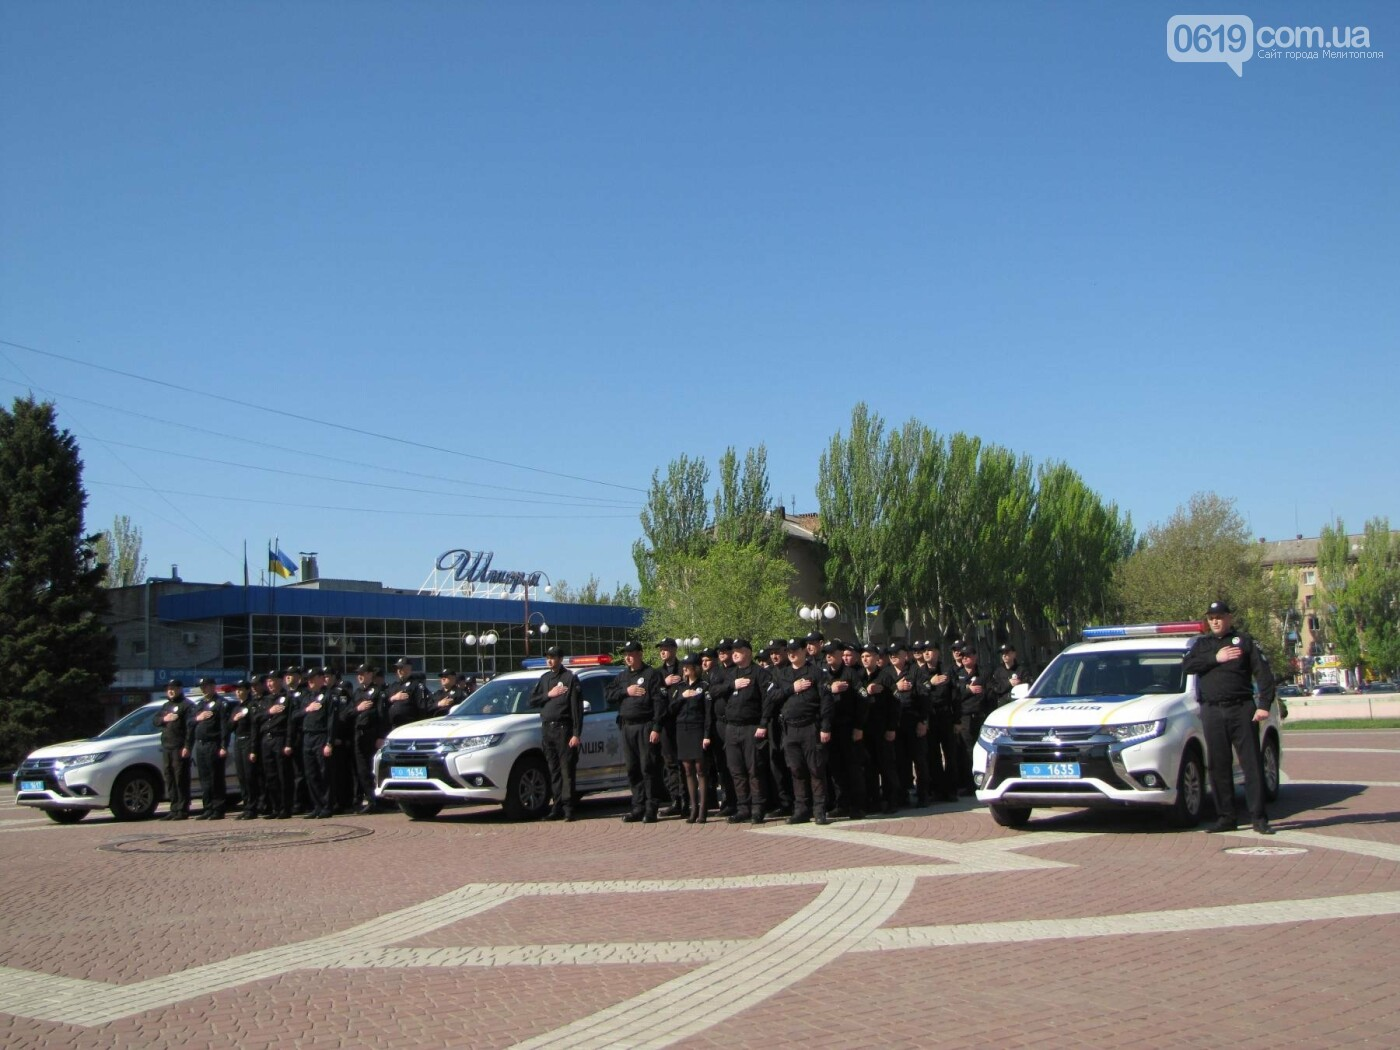 Мелитопольской полиции торжественно вручили новые служебные автомобили, фото-6